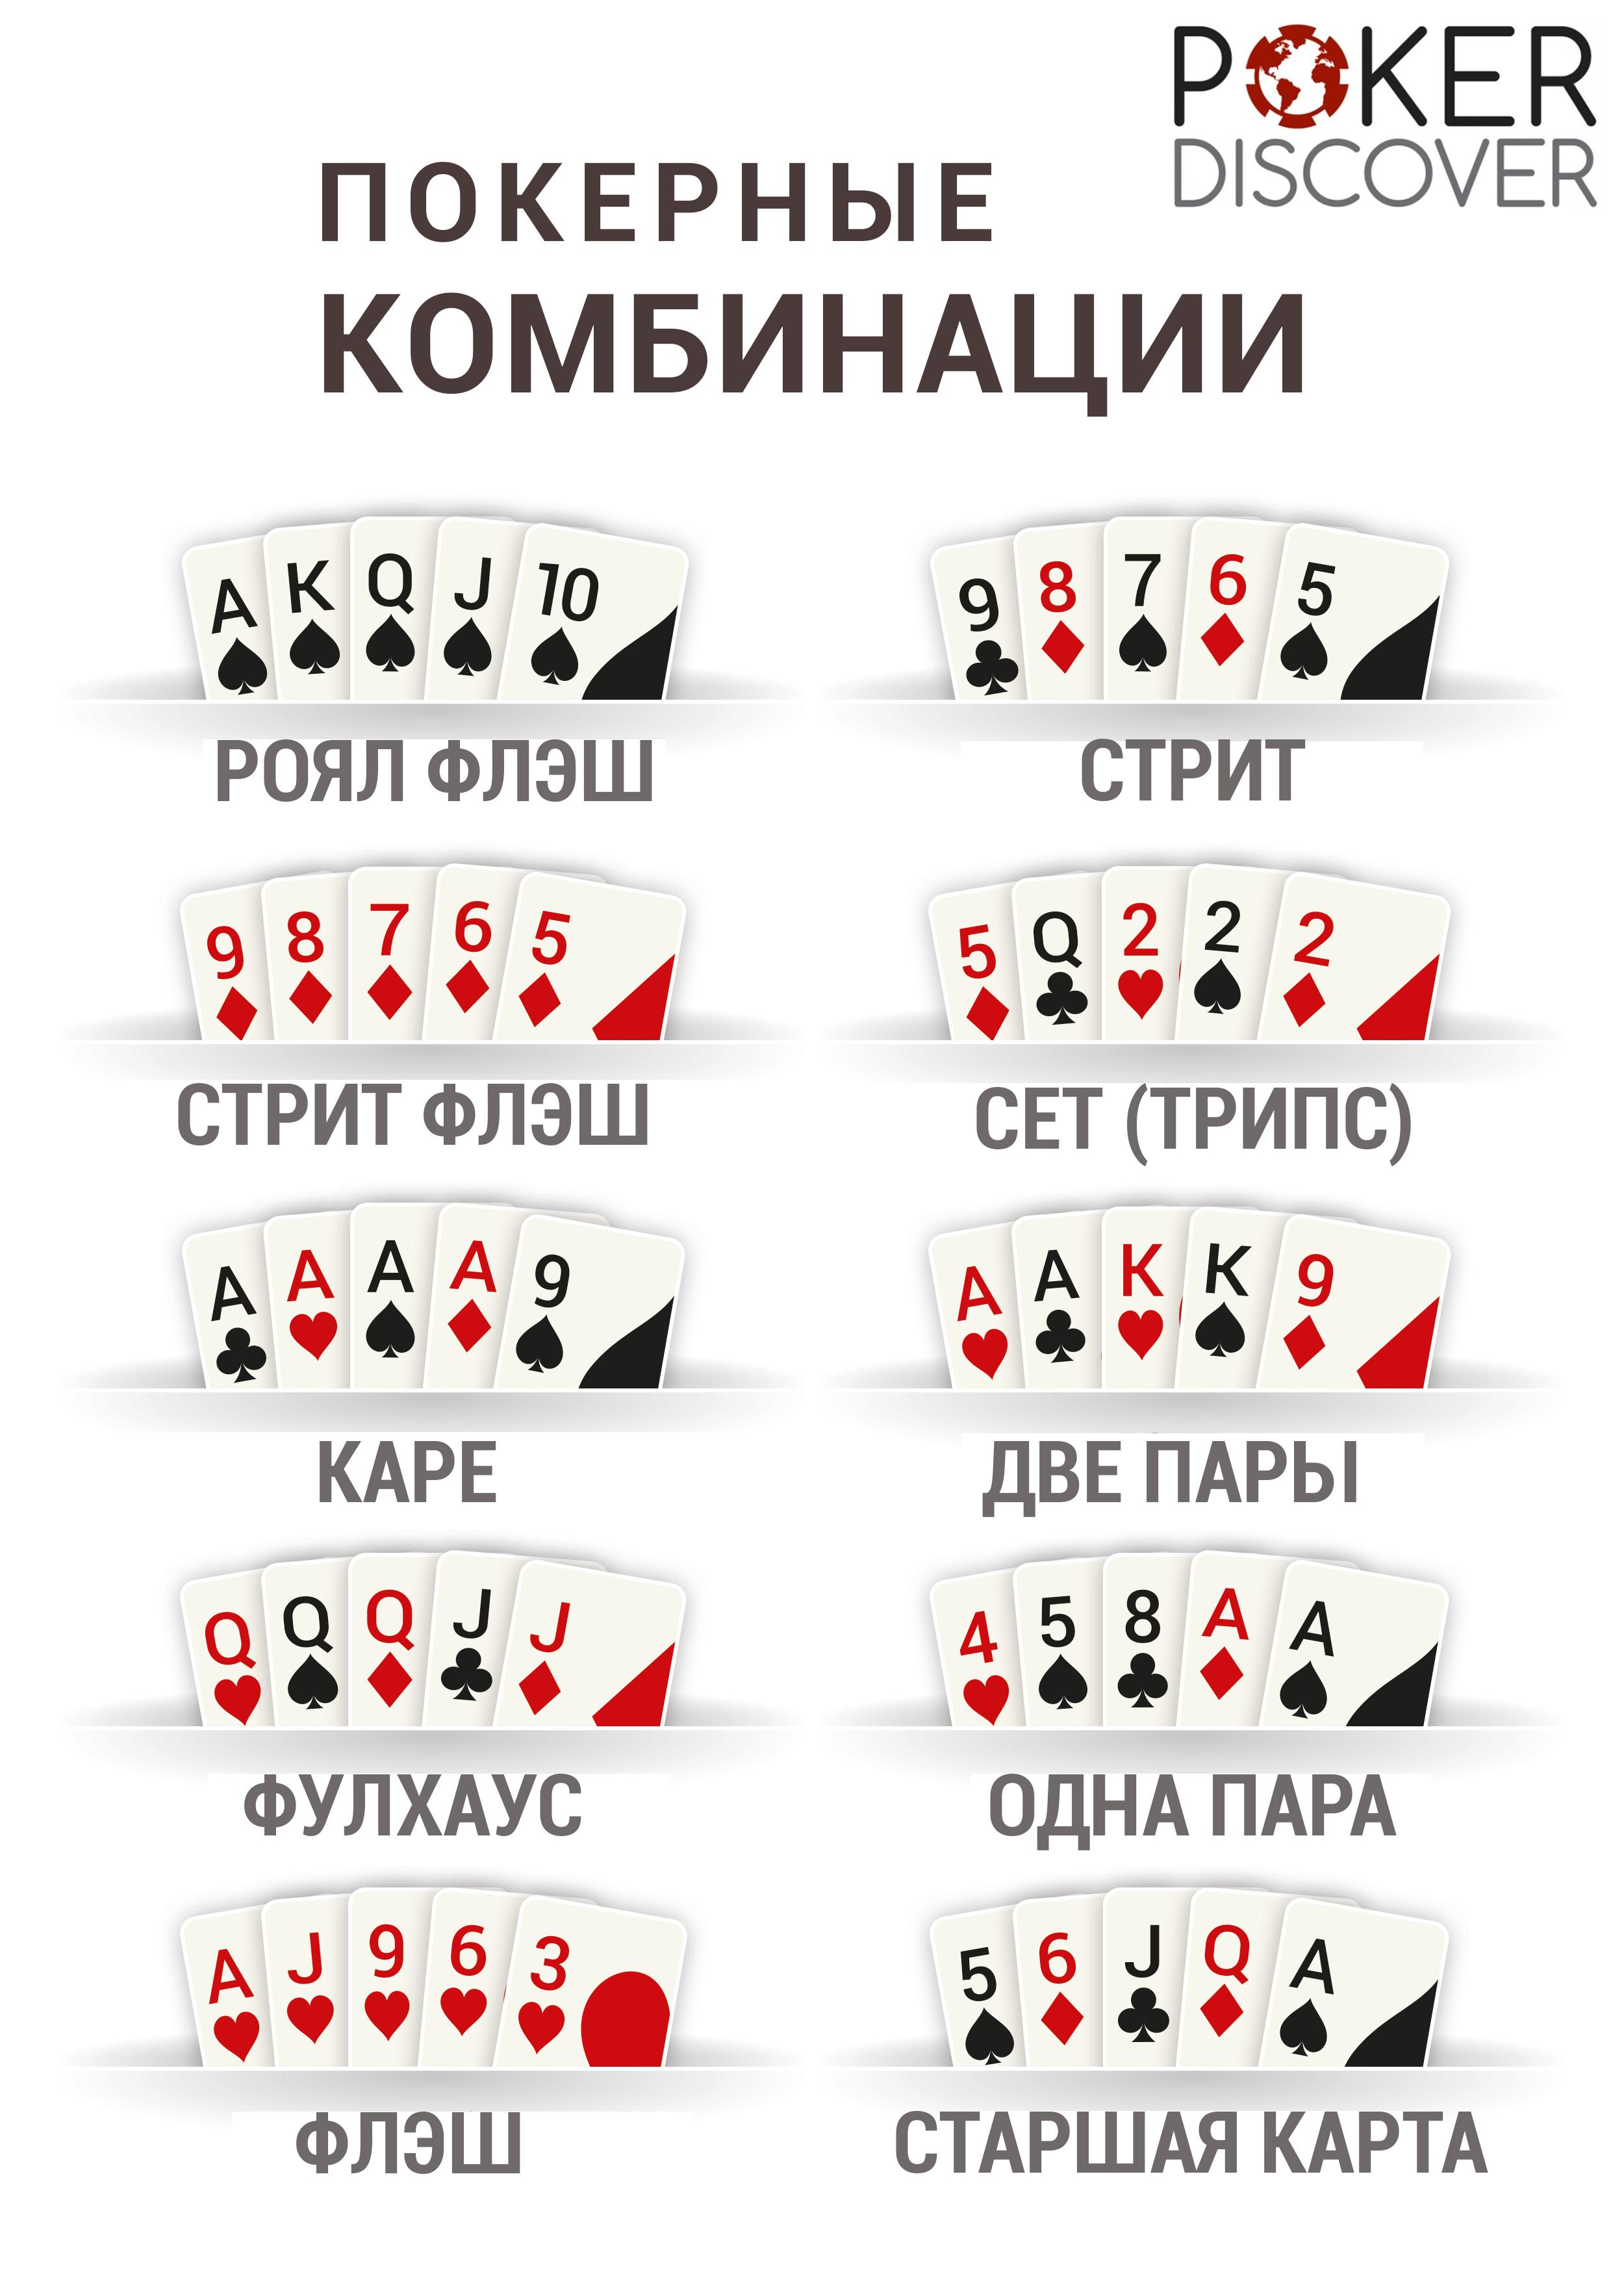 Покер комбинации карт онлайн игровые аппараты играть бесплатно клубники